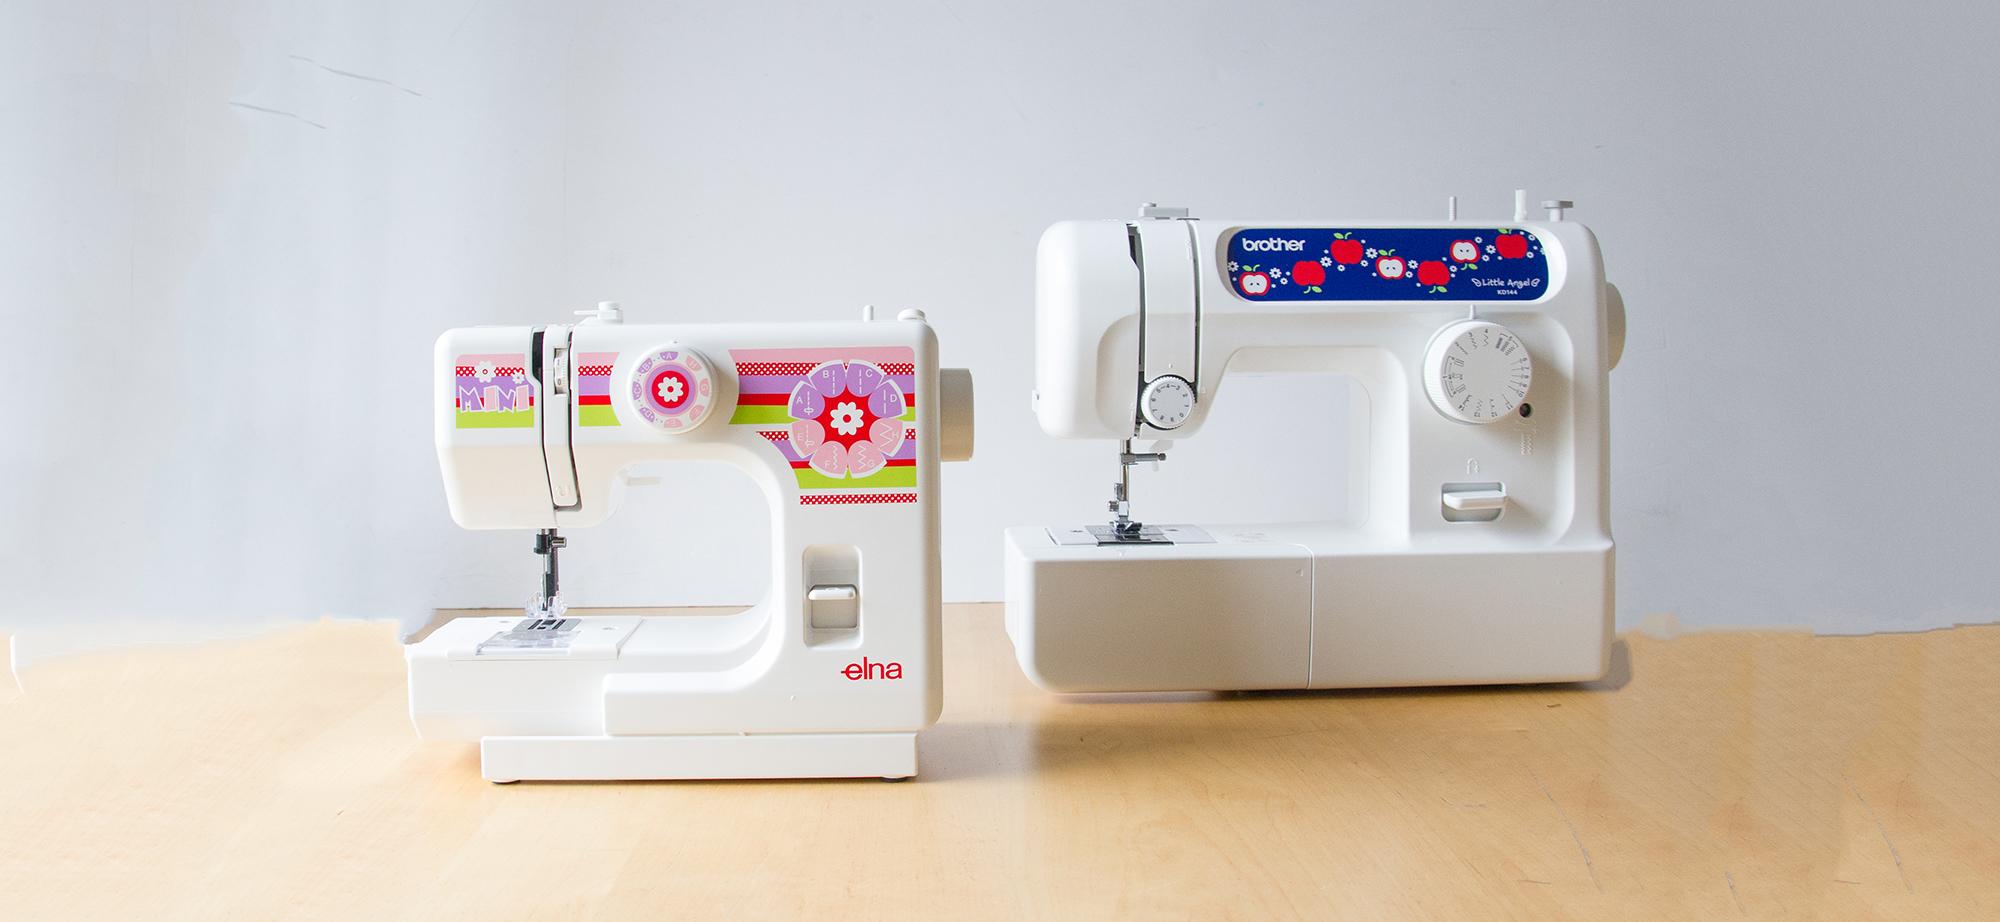 ᐅ Les meilleures machines à coudre pour enfant : Comparatif & Guide ...